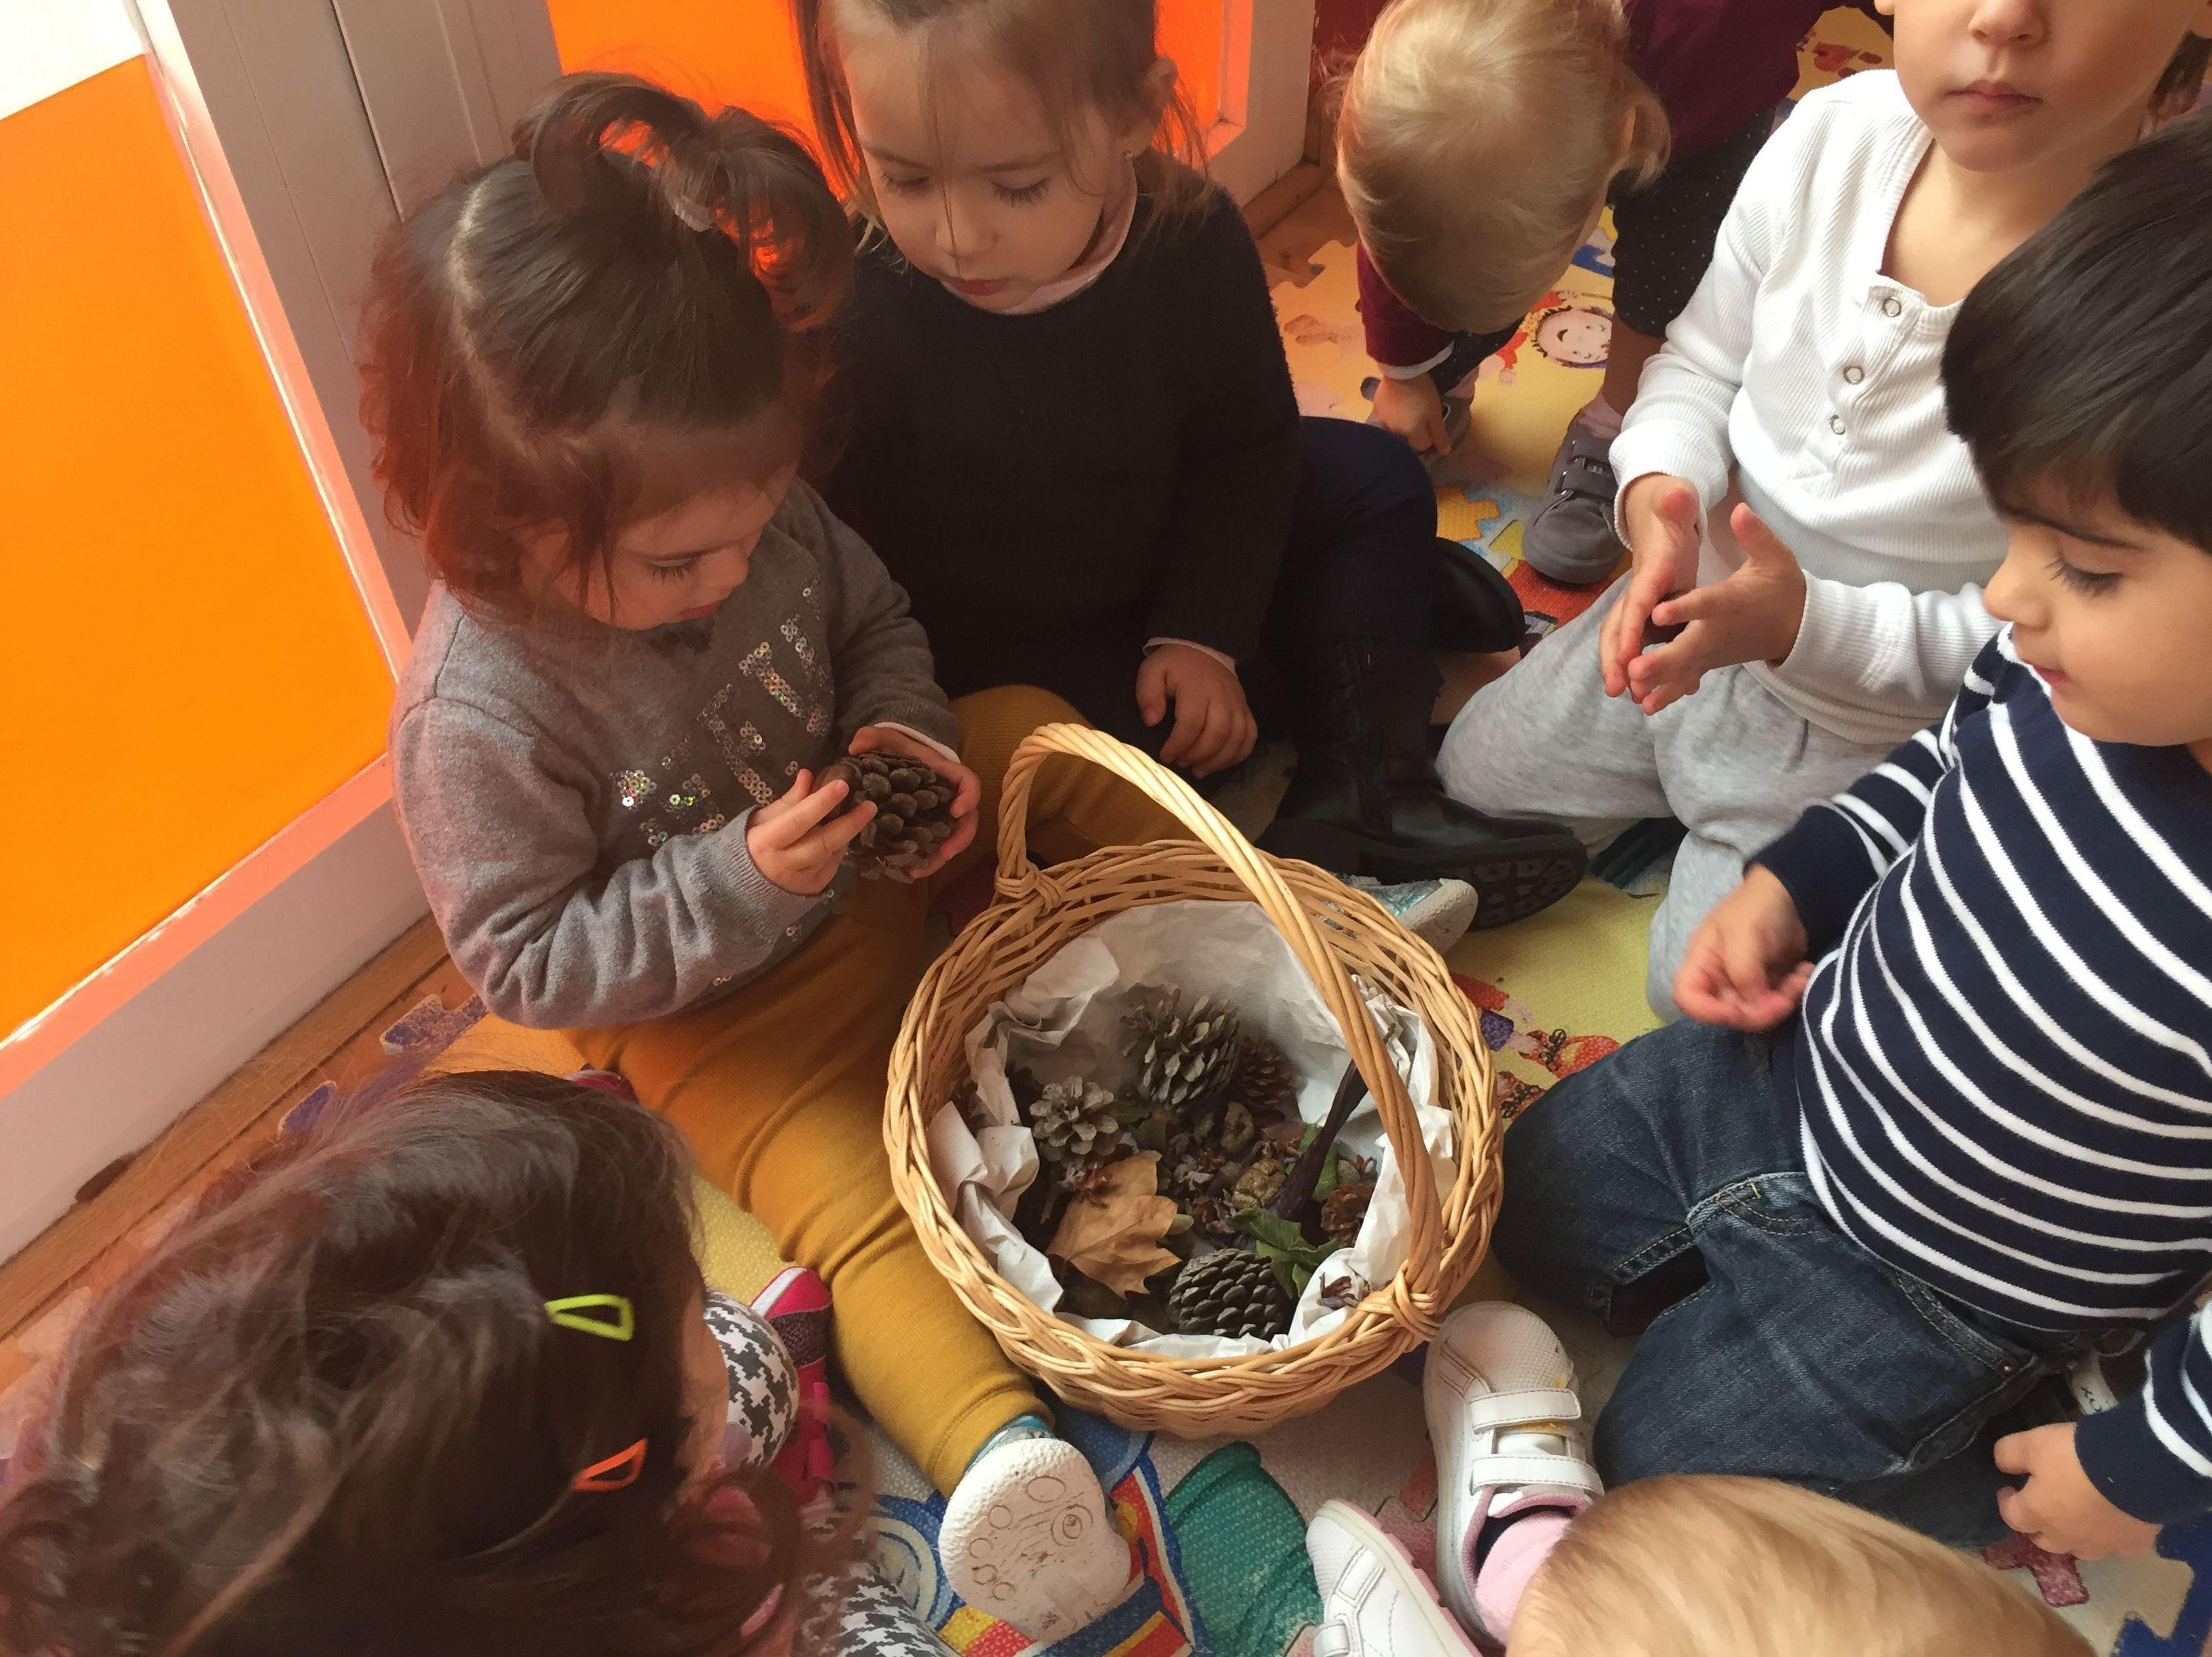 Foto 15 de Escuela infantil para niños de 0 a 3 años en Llucmajor | Escoleta Colibrís